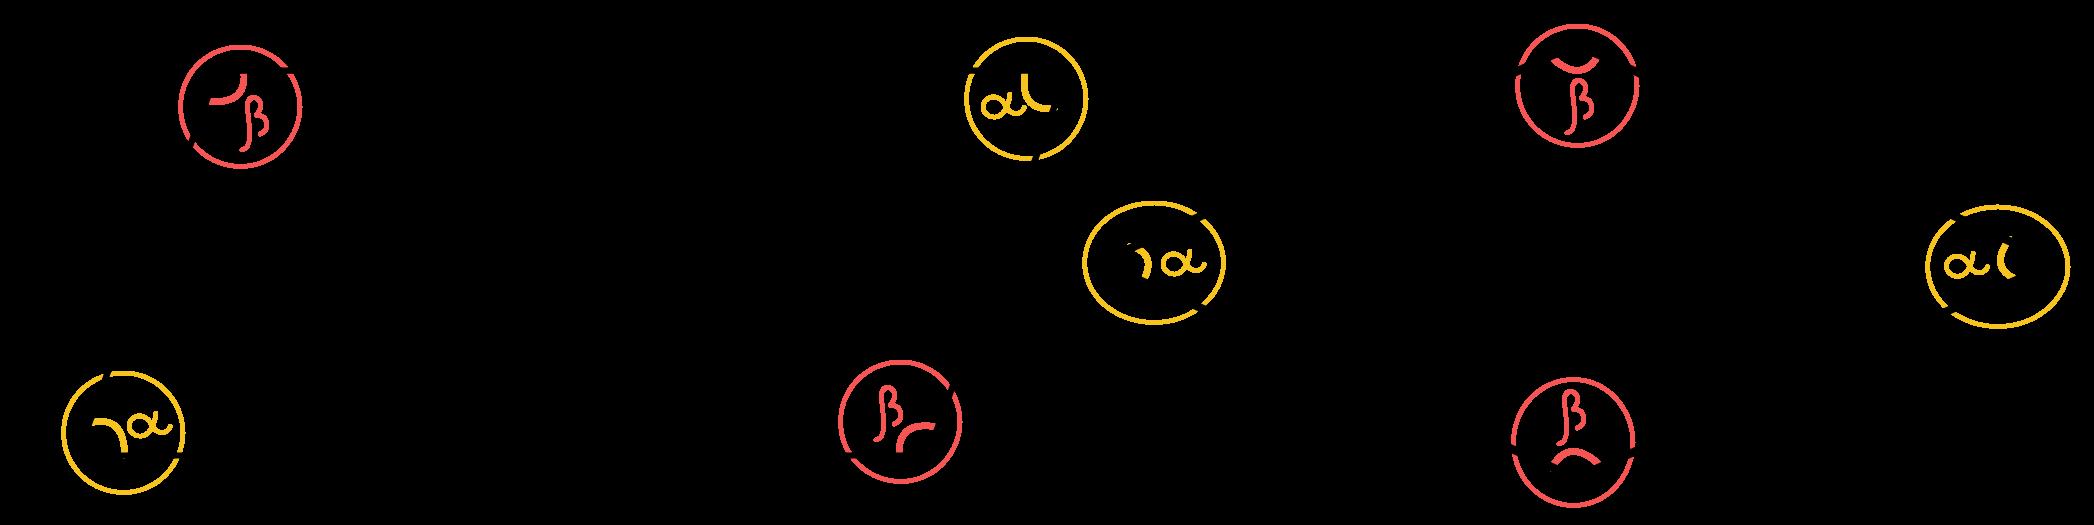 dois ângulos opostos do losango e do paralelogramo são sempre congruentes